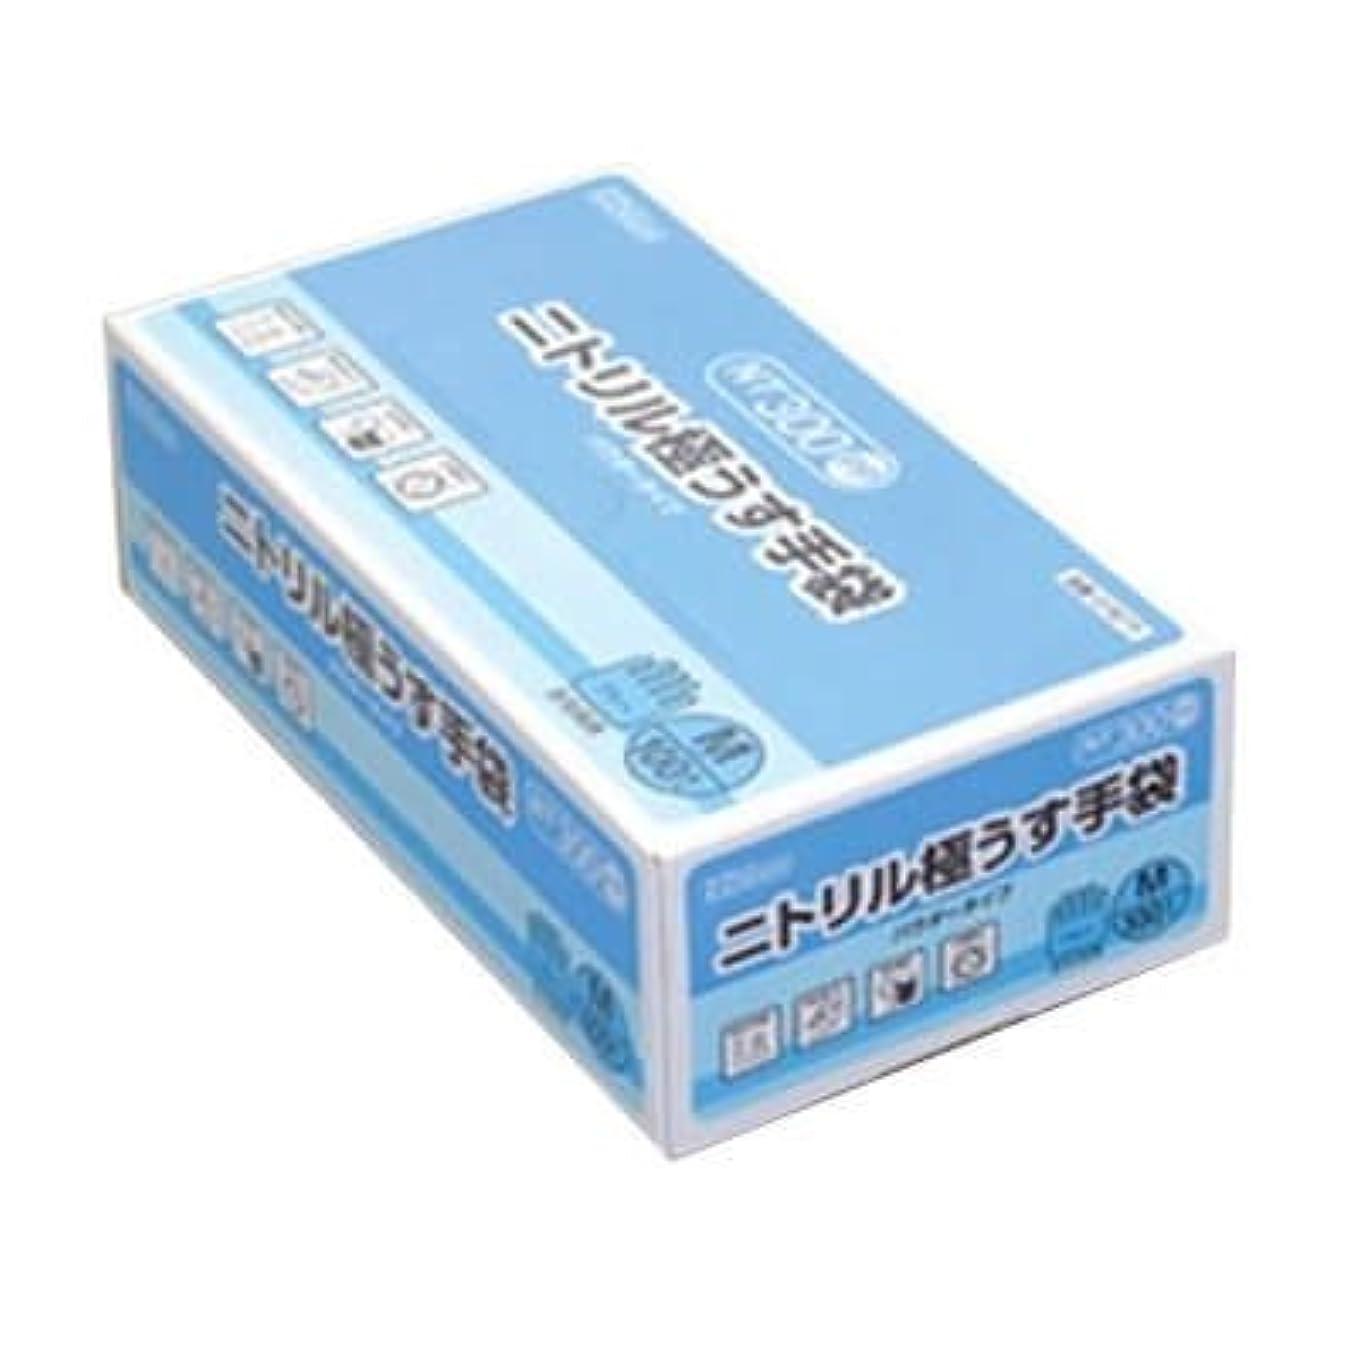 活性化するレンダー恩恵【ケース販売】 ダンロップ ニトリル極うす手袋 粉付 M ブルー NT-300 (100枚入×20箱)